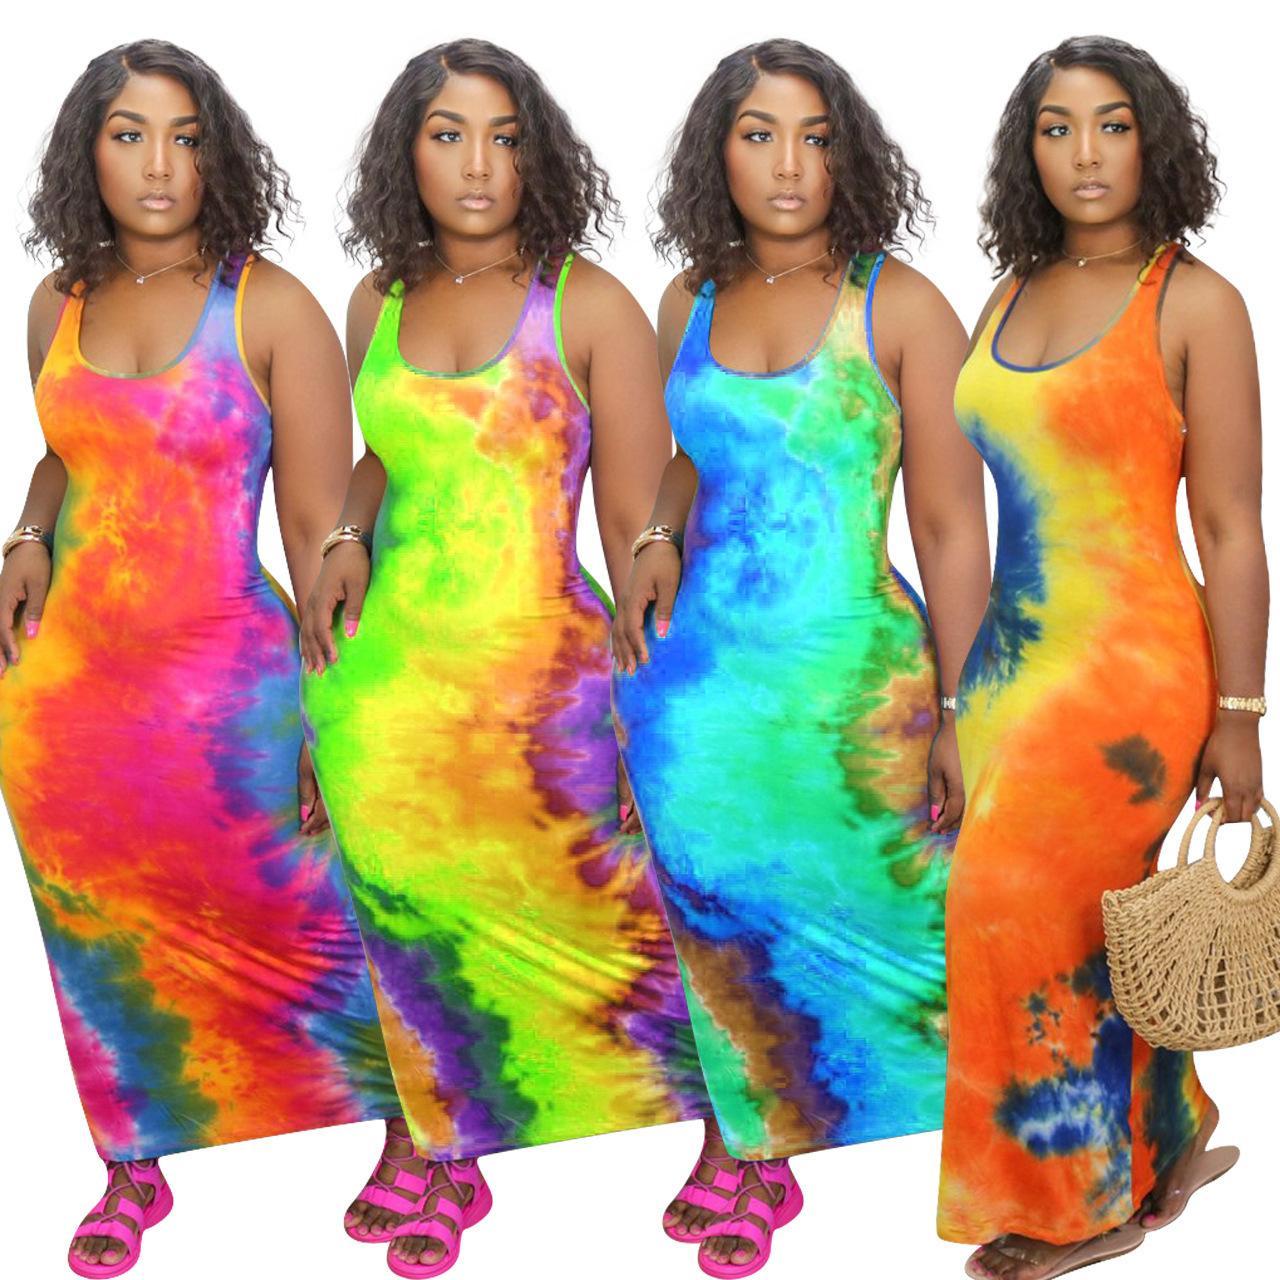 Designer Frauen langes Kleid Tie dye ärmellos beiläufige Damen langer Rock Sexy U-Ausschnitt Big Swing Art und Weise gedruckte ärmelloses Kleid 8817